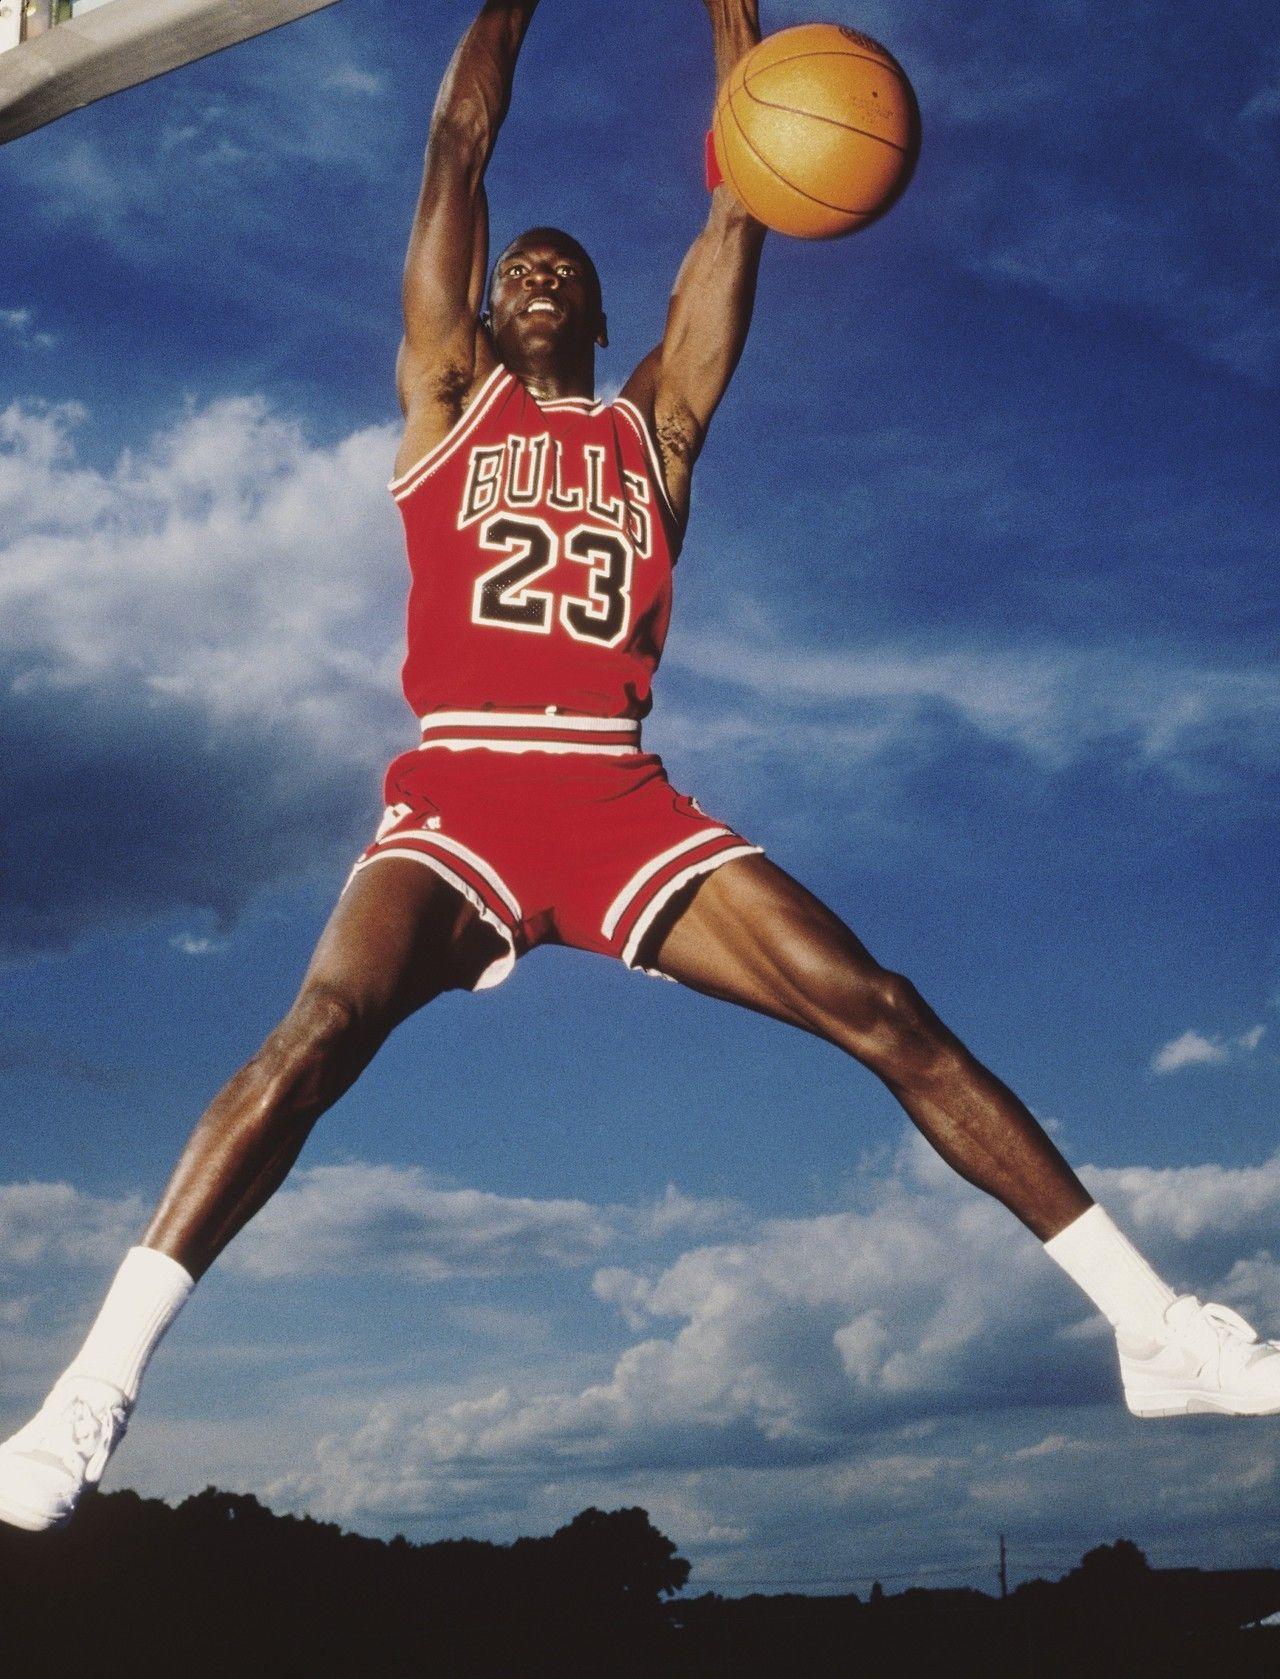 Air Jordan brand, Flight school chicago